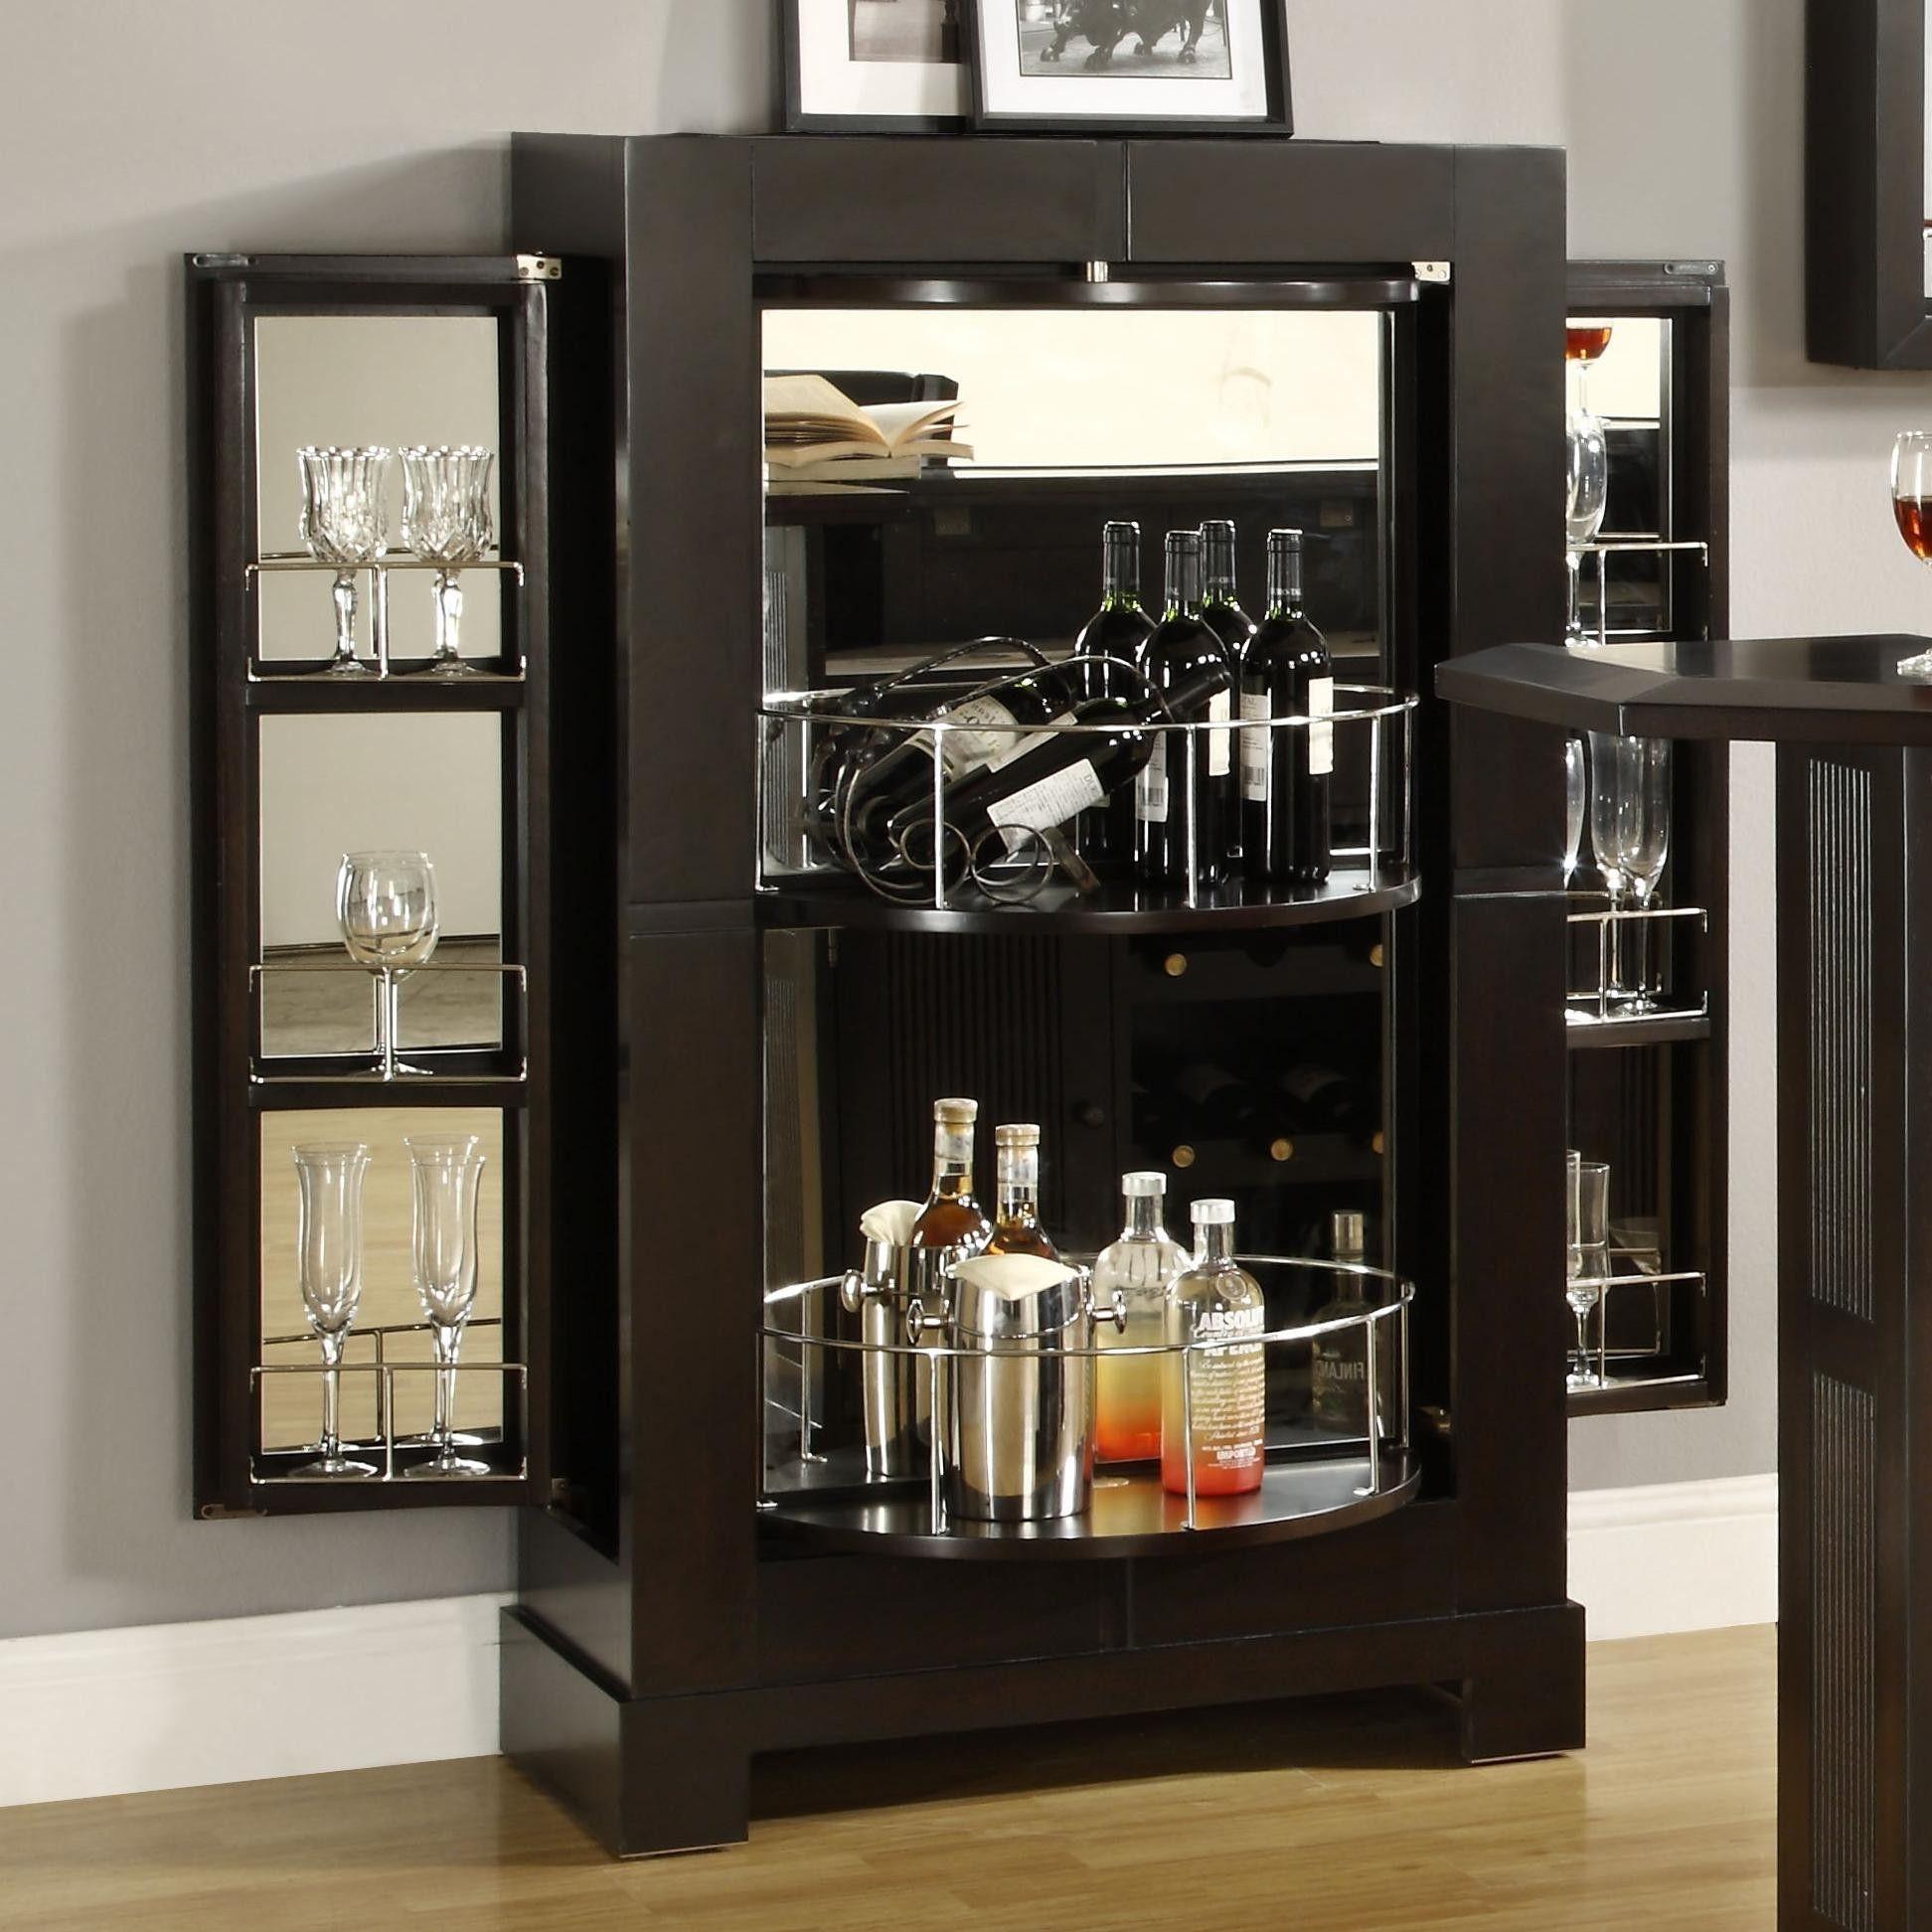 corner liquor cabinet furniture modern rustic furniture check more rh pinterest ch corner liquor cabinet furniture for sale corner liquor cabinet furniture for sale